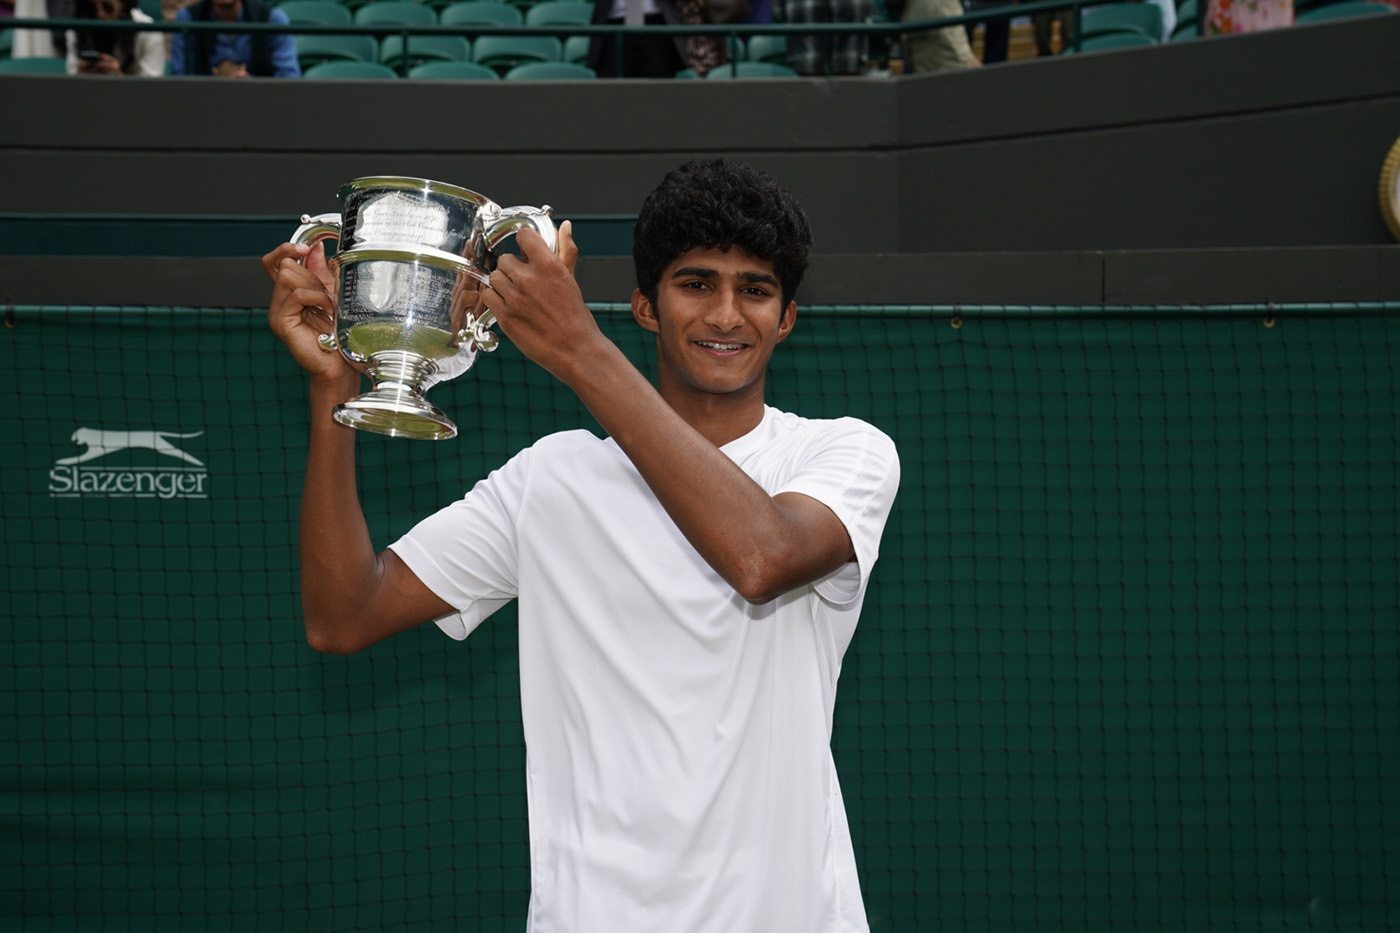 b 20210711 079 banerjee js207420 139543 1626011647370 - Spoznajte mladeniča, ki je v Wimbledonu osvojil pokal v konkurenci dečkov